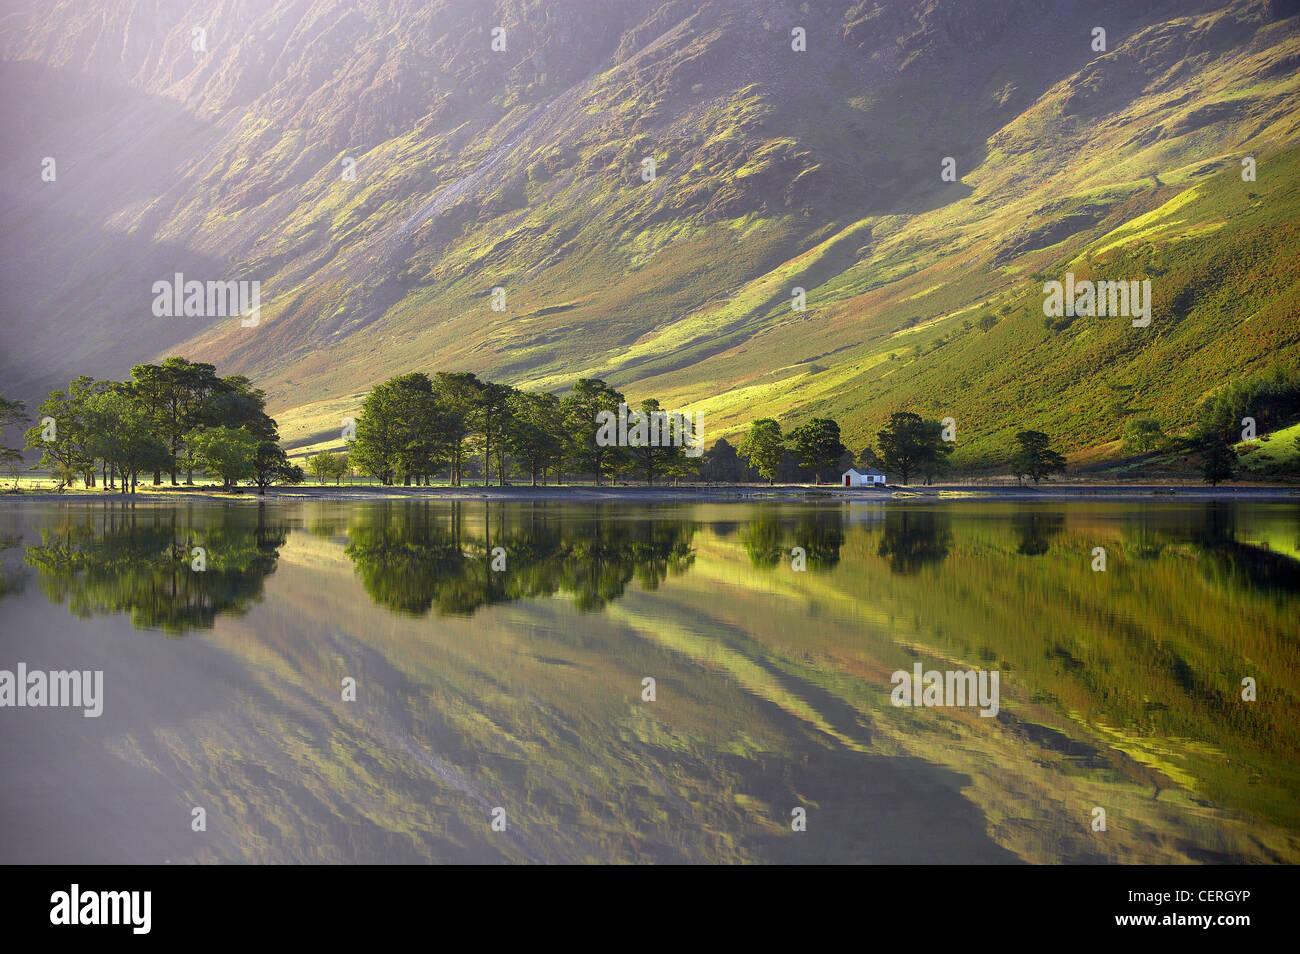 Réflexions sur la rive de la lande à l'aube, Cumbria, Lakes District, Cumbria, England, UK Photo Stock